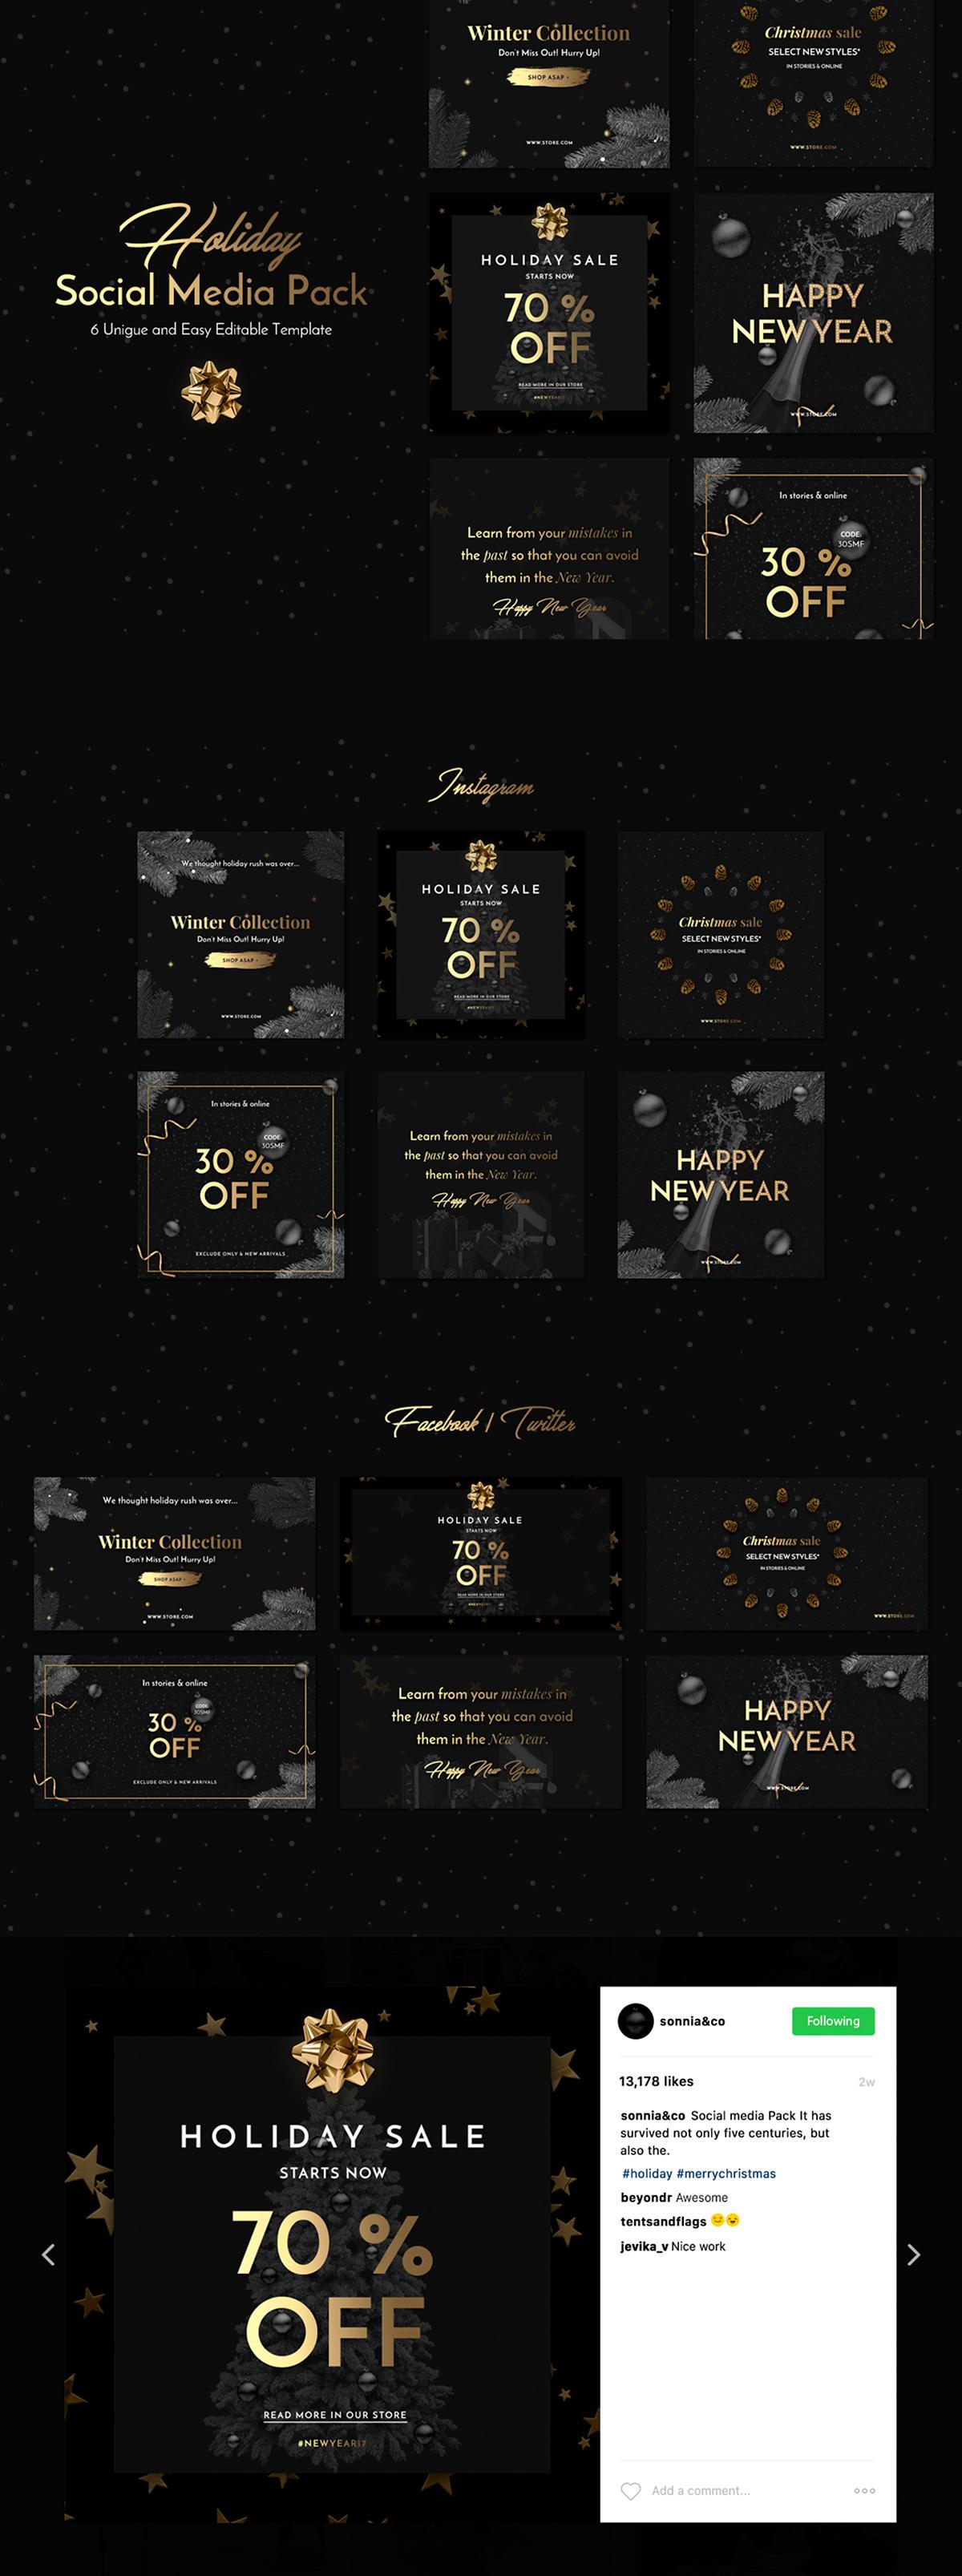 黑金色的高品质圣诞素材打包下载[PSD]